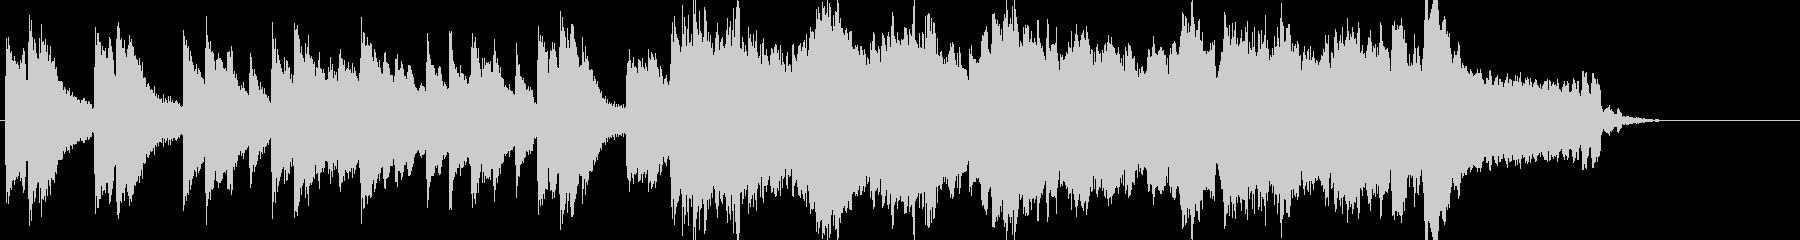 爽やかでゆったりとしたサウンドロゴの未再生の波形